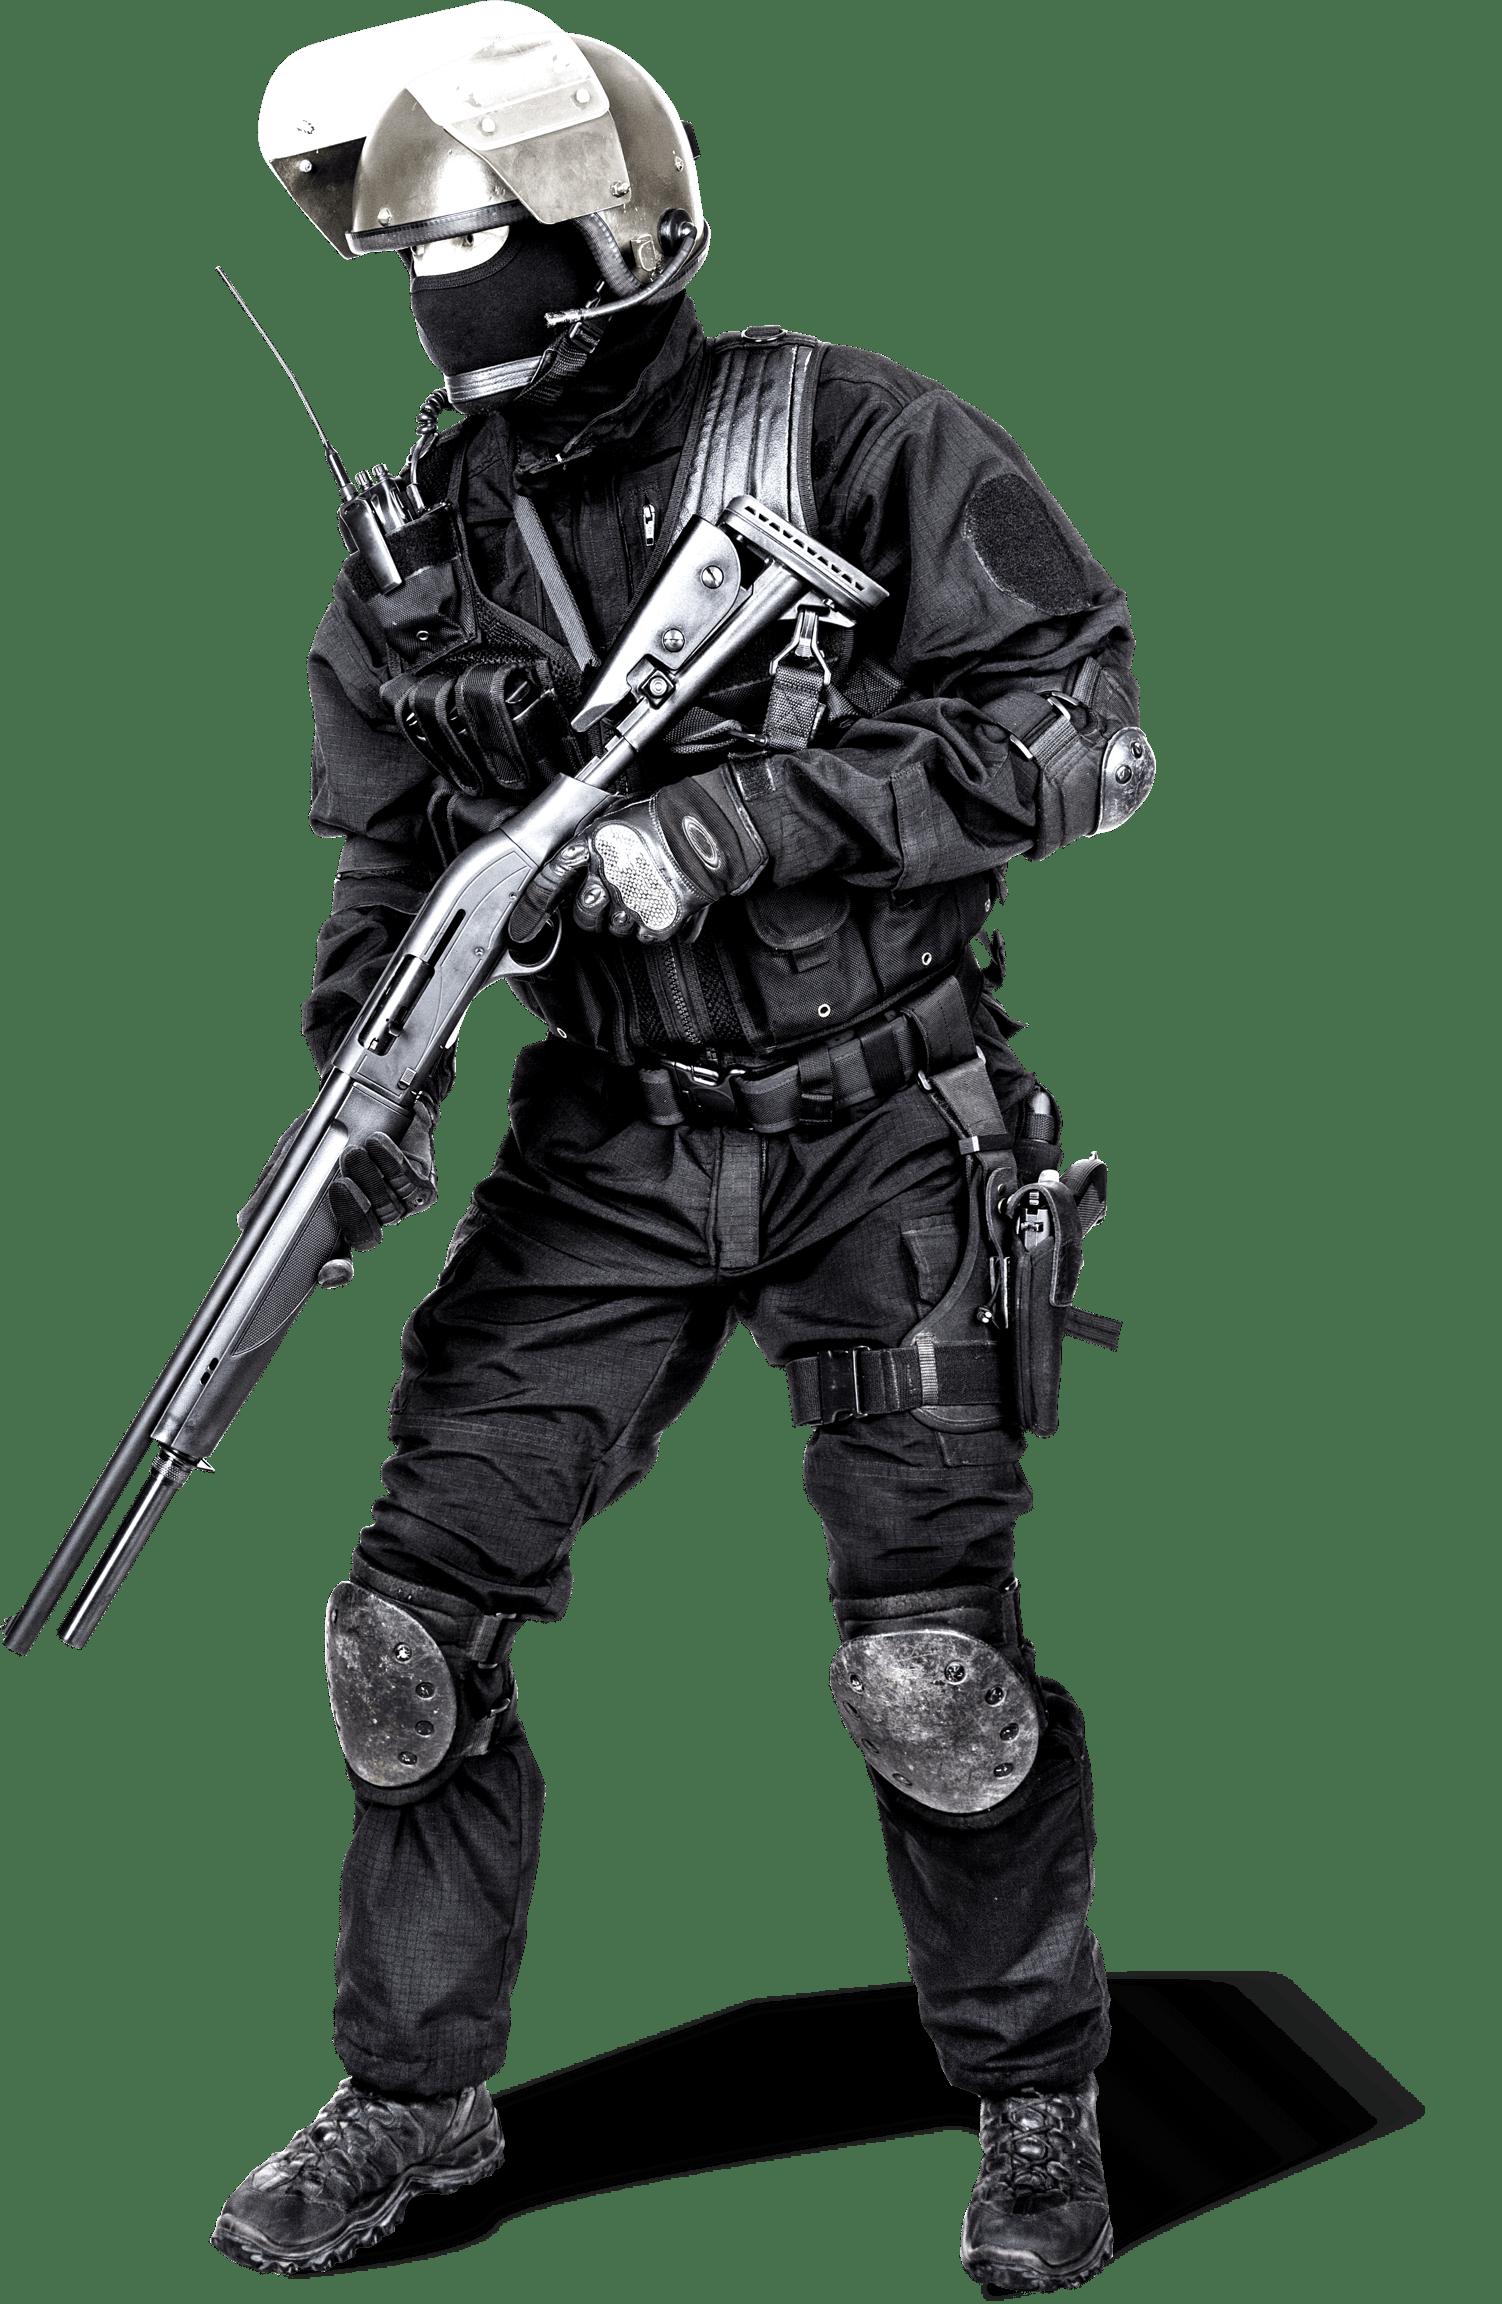 Как работает ГБР охранного предприятия «Патриот» при срабатывании тревожной кнопки